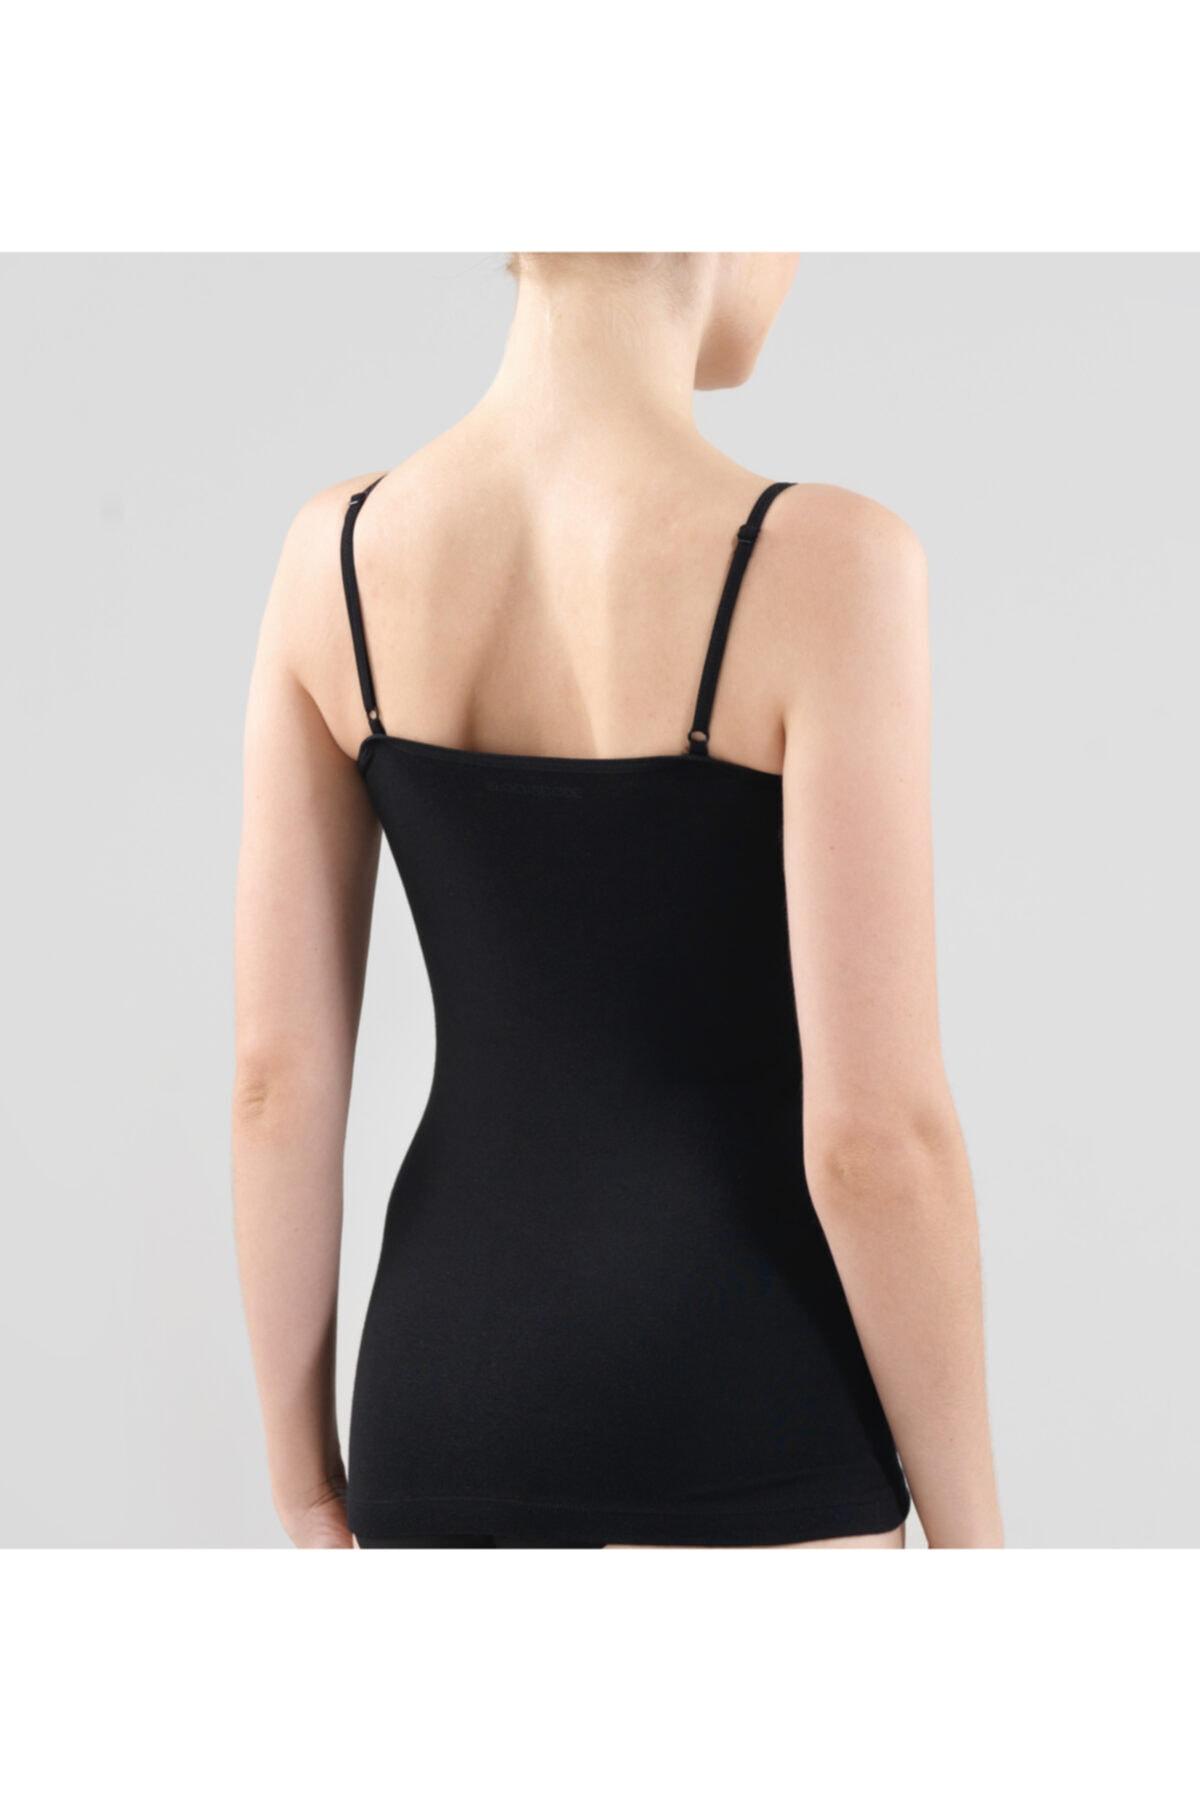 Blackspade Kadın Ince Askılı Atlet Essential 1952 - Siyah 2